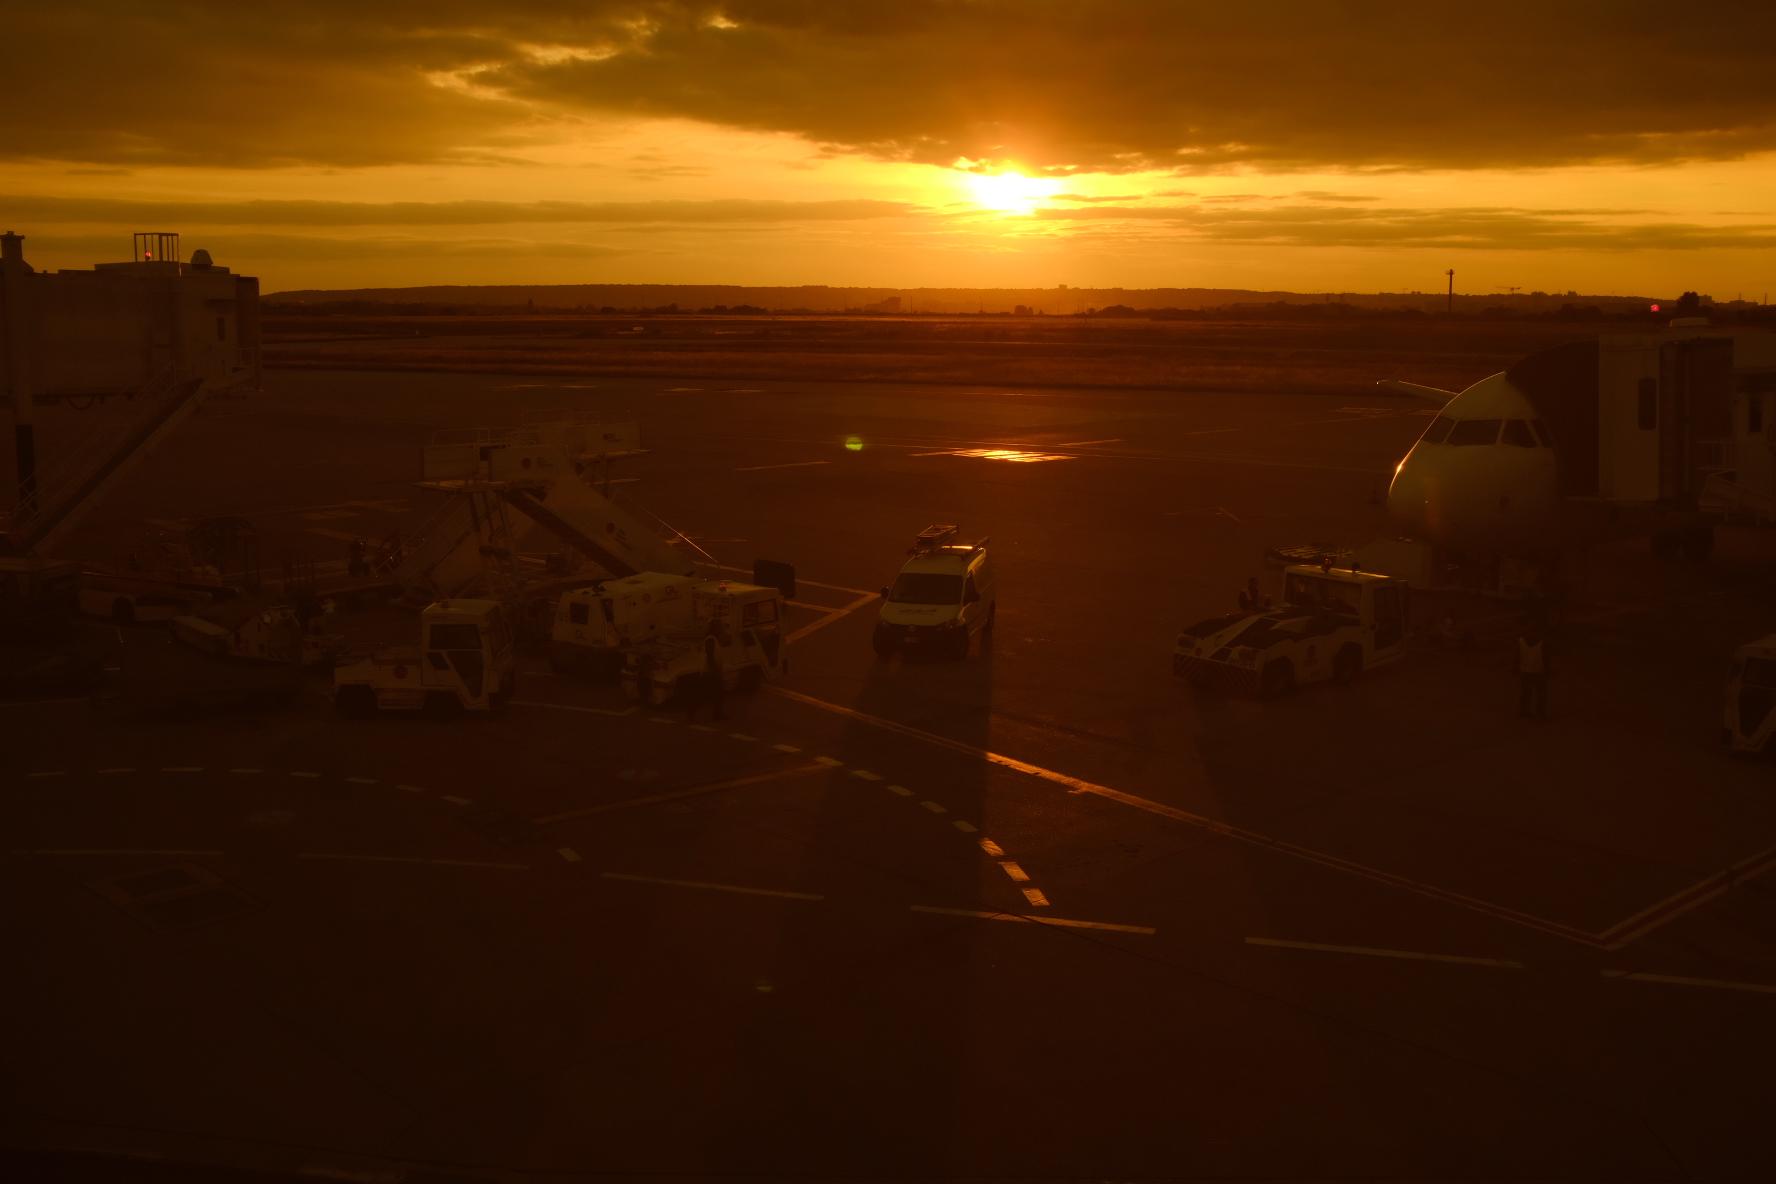 Aeropuerto de Orly - Vuelta a casa